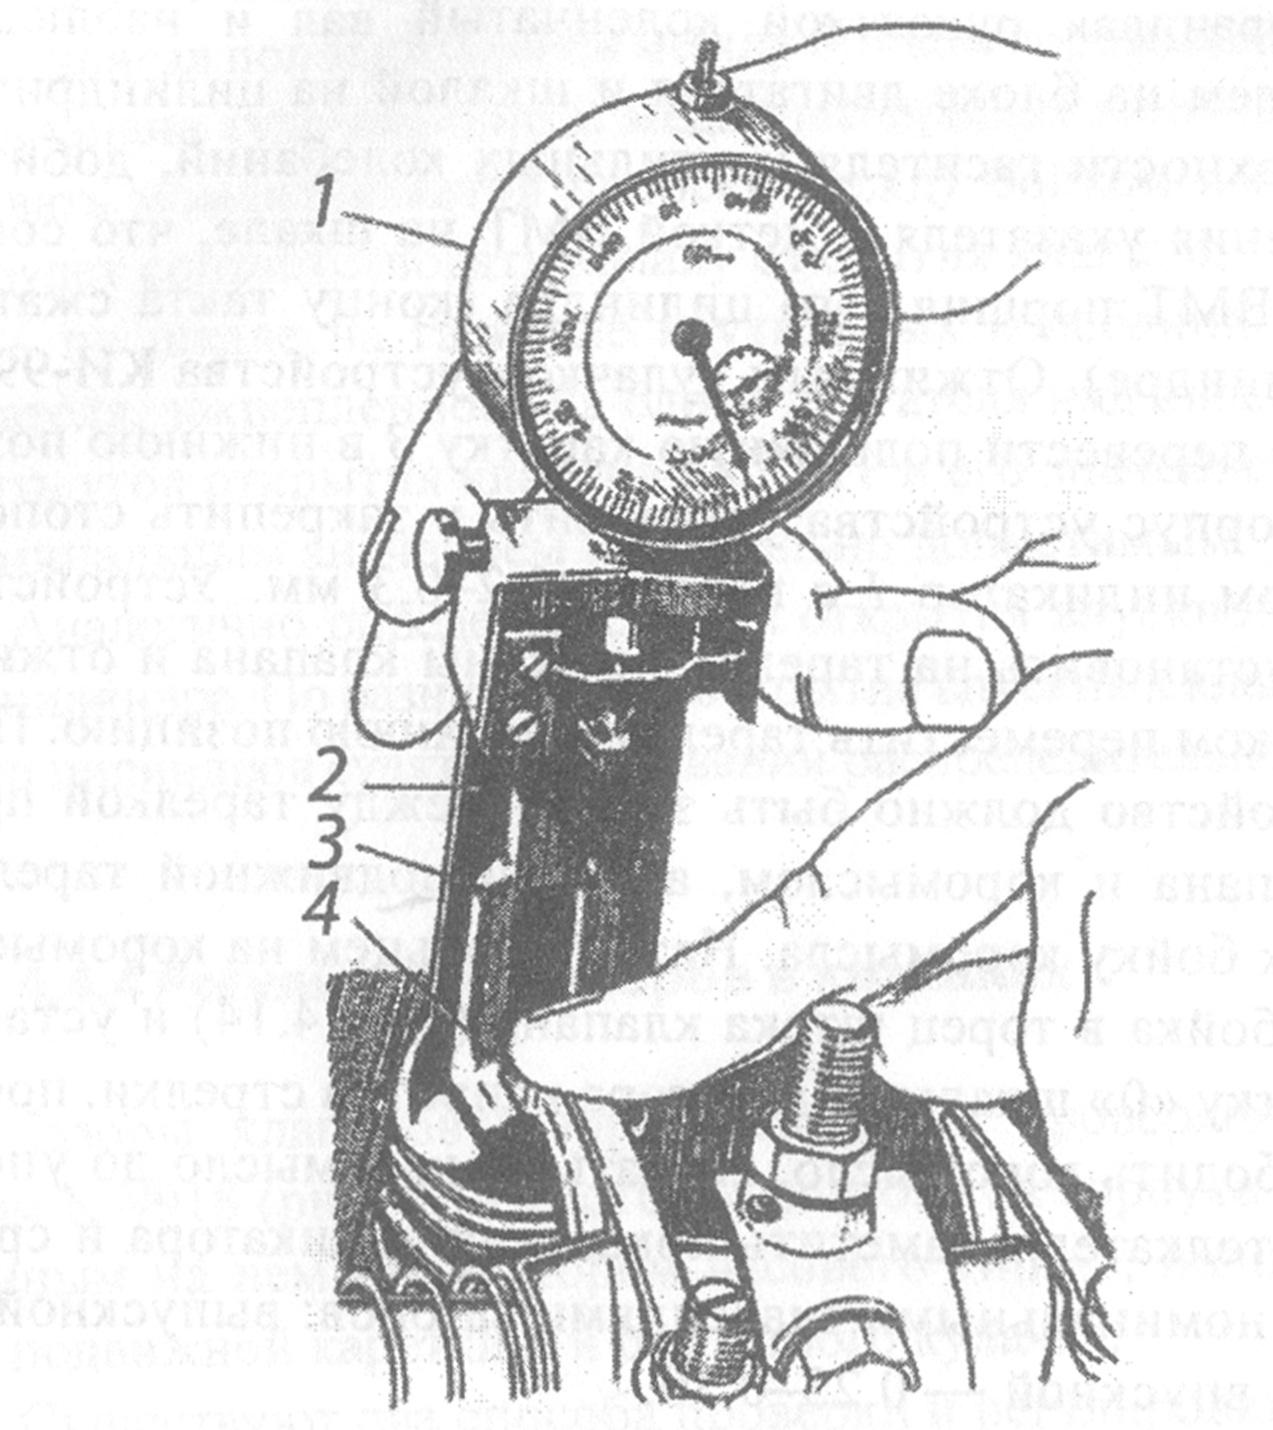 схема нумерации клапанов на камазе